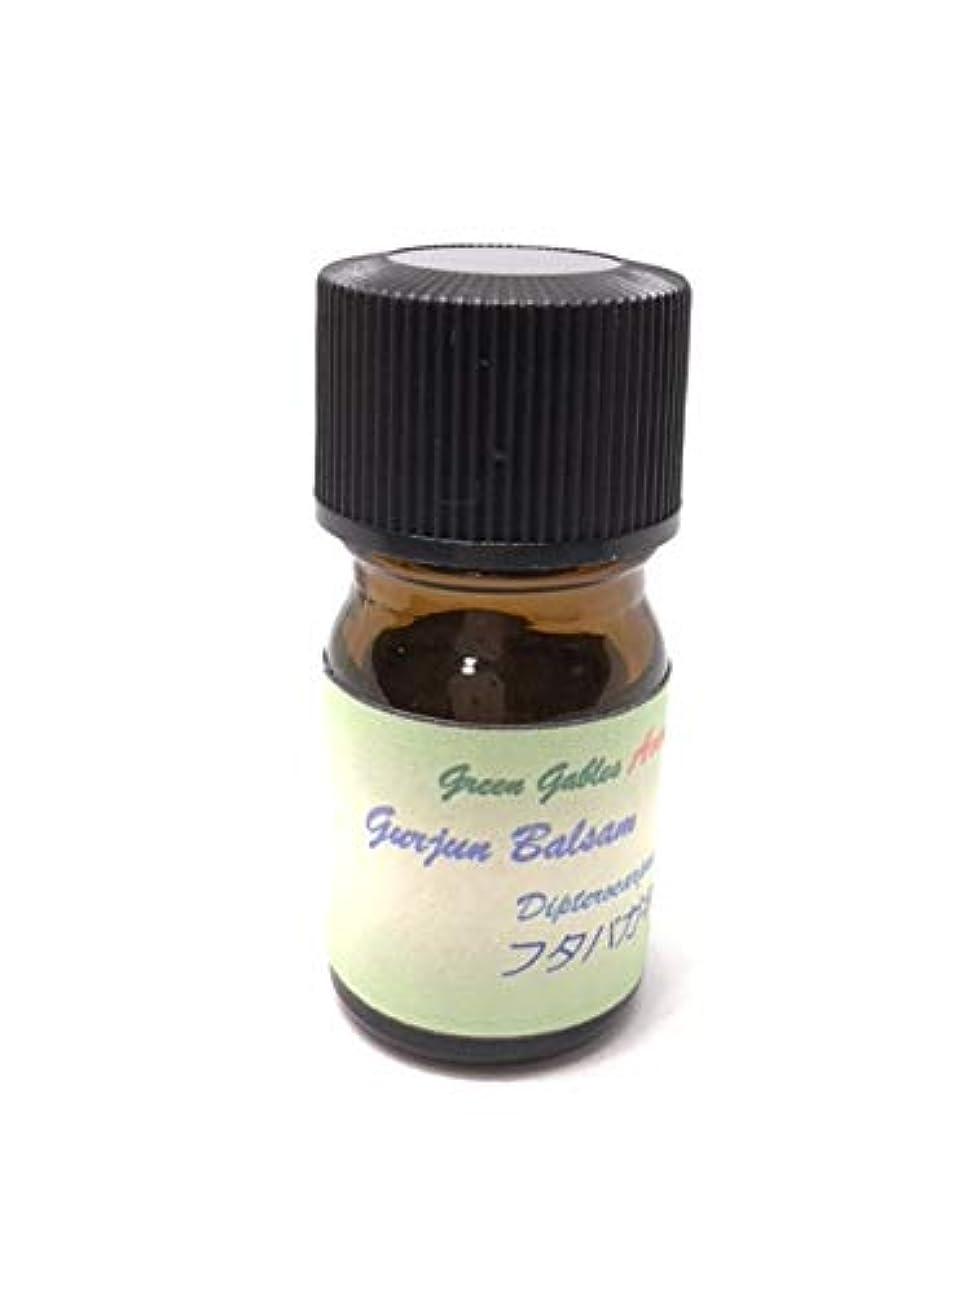 因子強化するはちみつグルジュンバルサム精油 30ml Gurjun Balsam エッセンシャルオイル